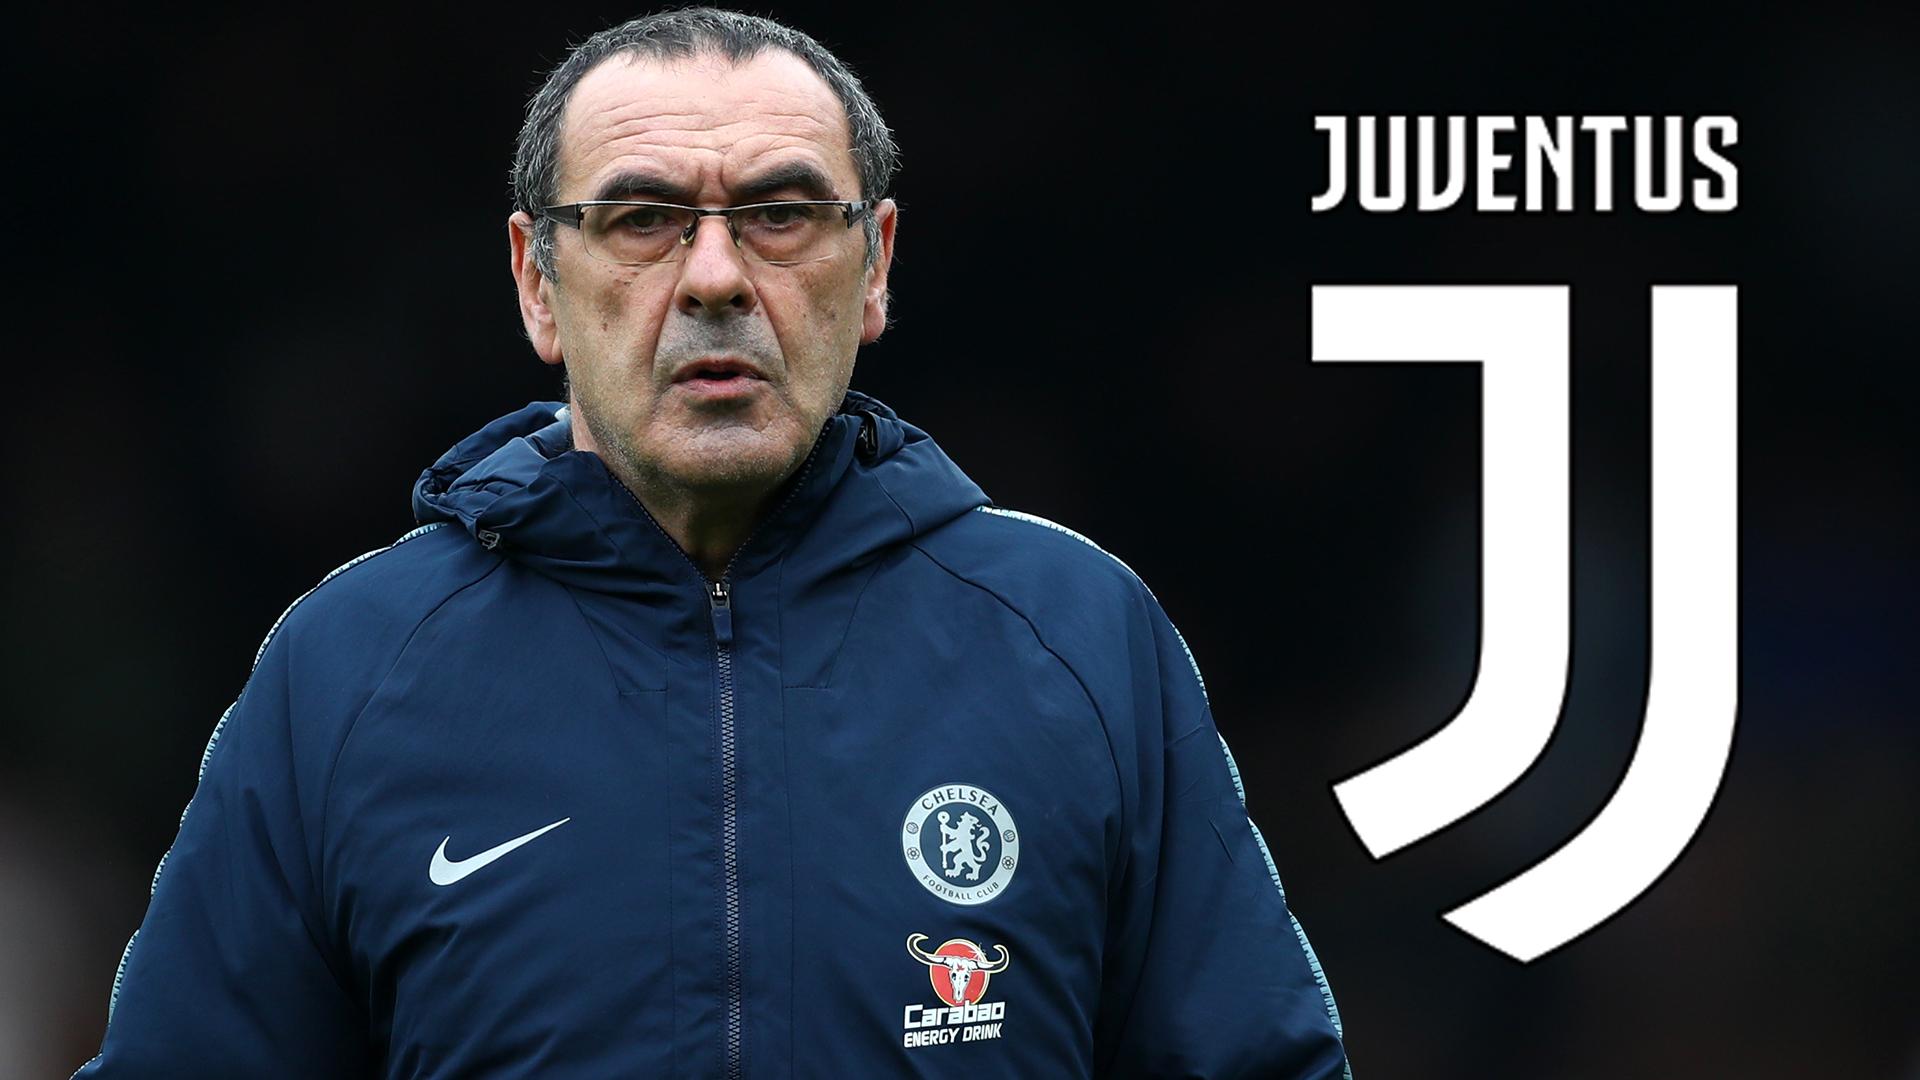 Juventus'un yeni teknik direktörü Maurizio Sarri